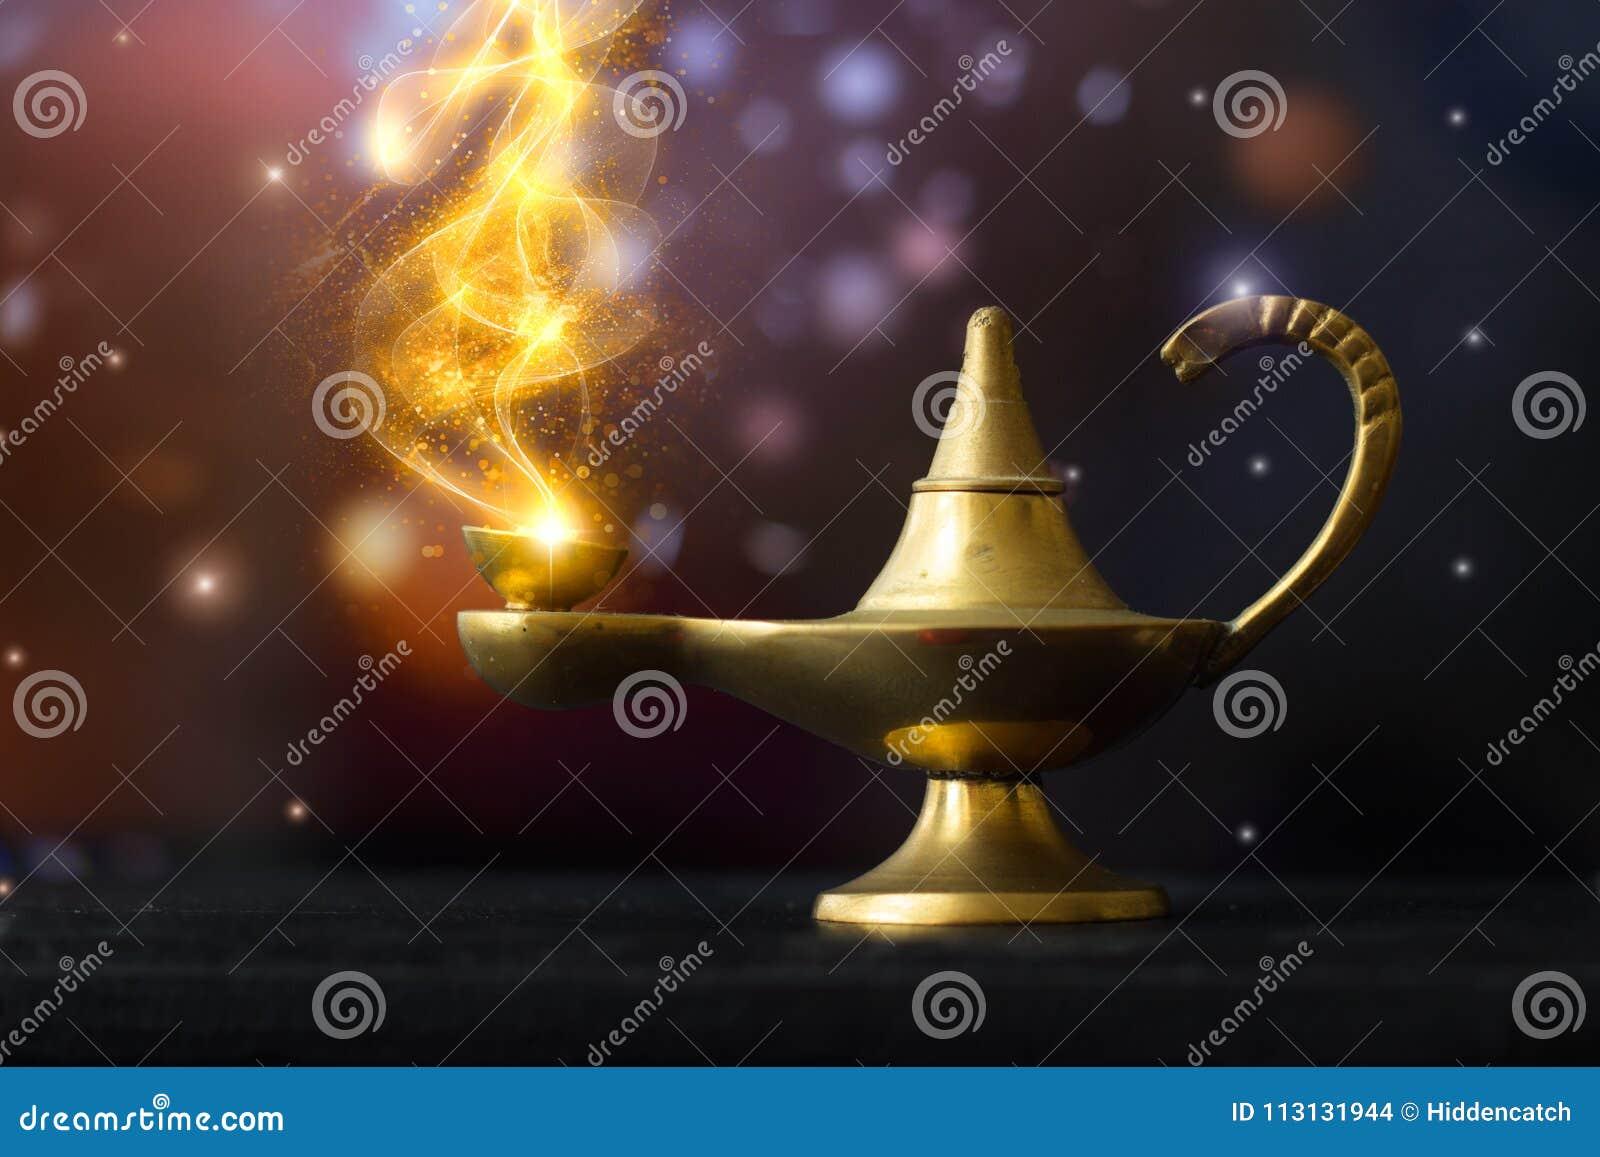 Magische Wunderlampe, wenn der goldene glittery Rauch herauskommt; mak